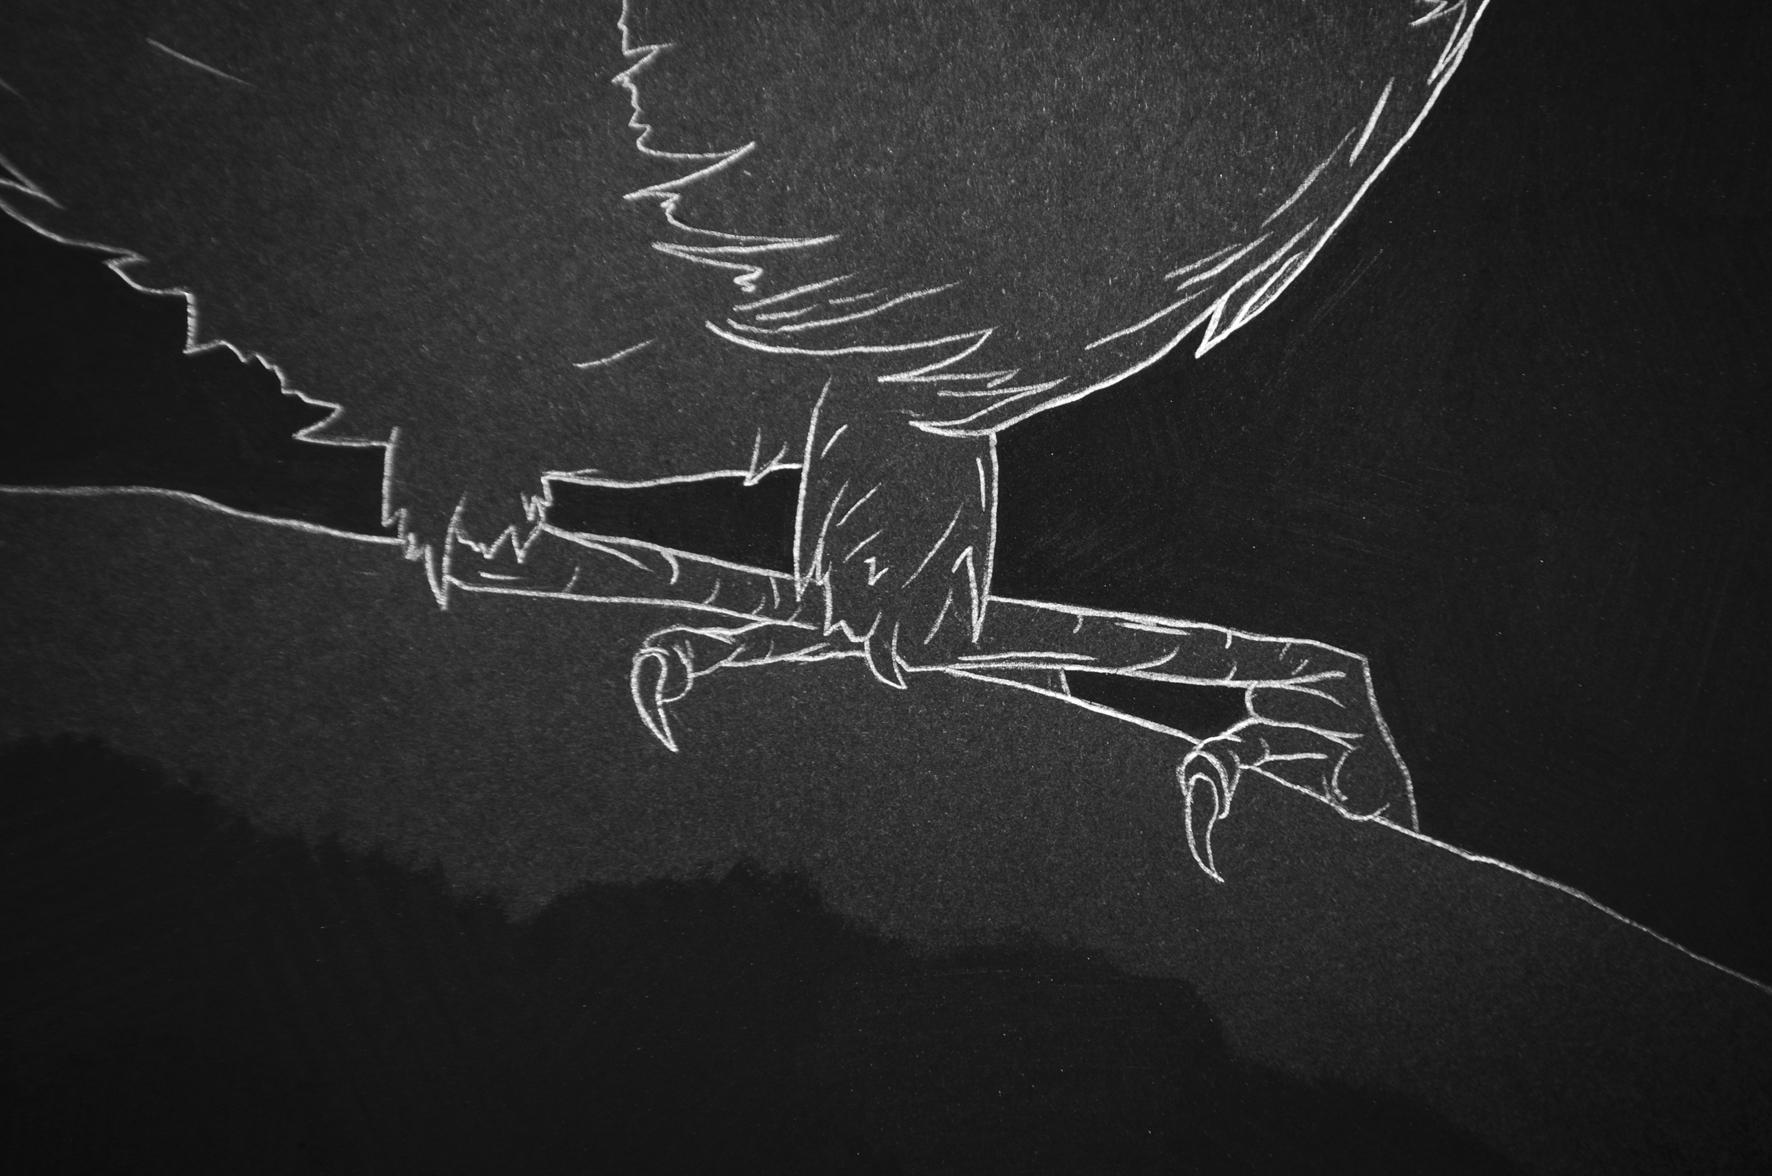 Carlos Bernal, Demeurer à (détail), 2016. Série de dessins, fusain et mine de plomb sur papier Clairefontaine Maya 120 gr., 50 x 35 cm env.